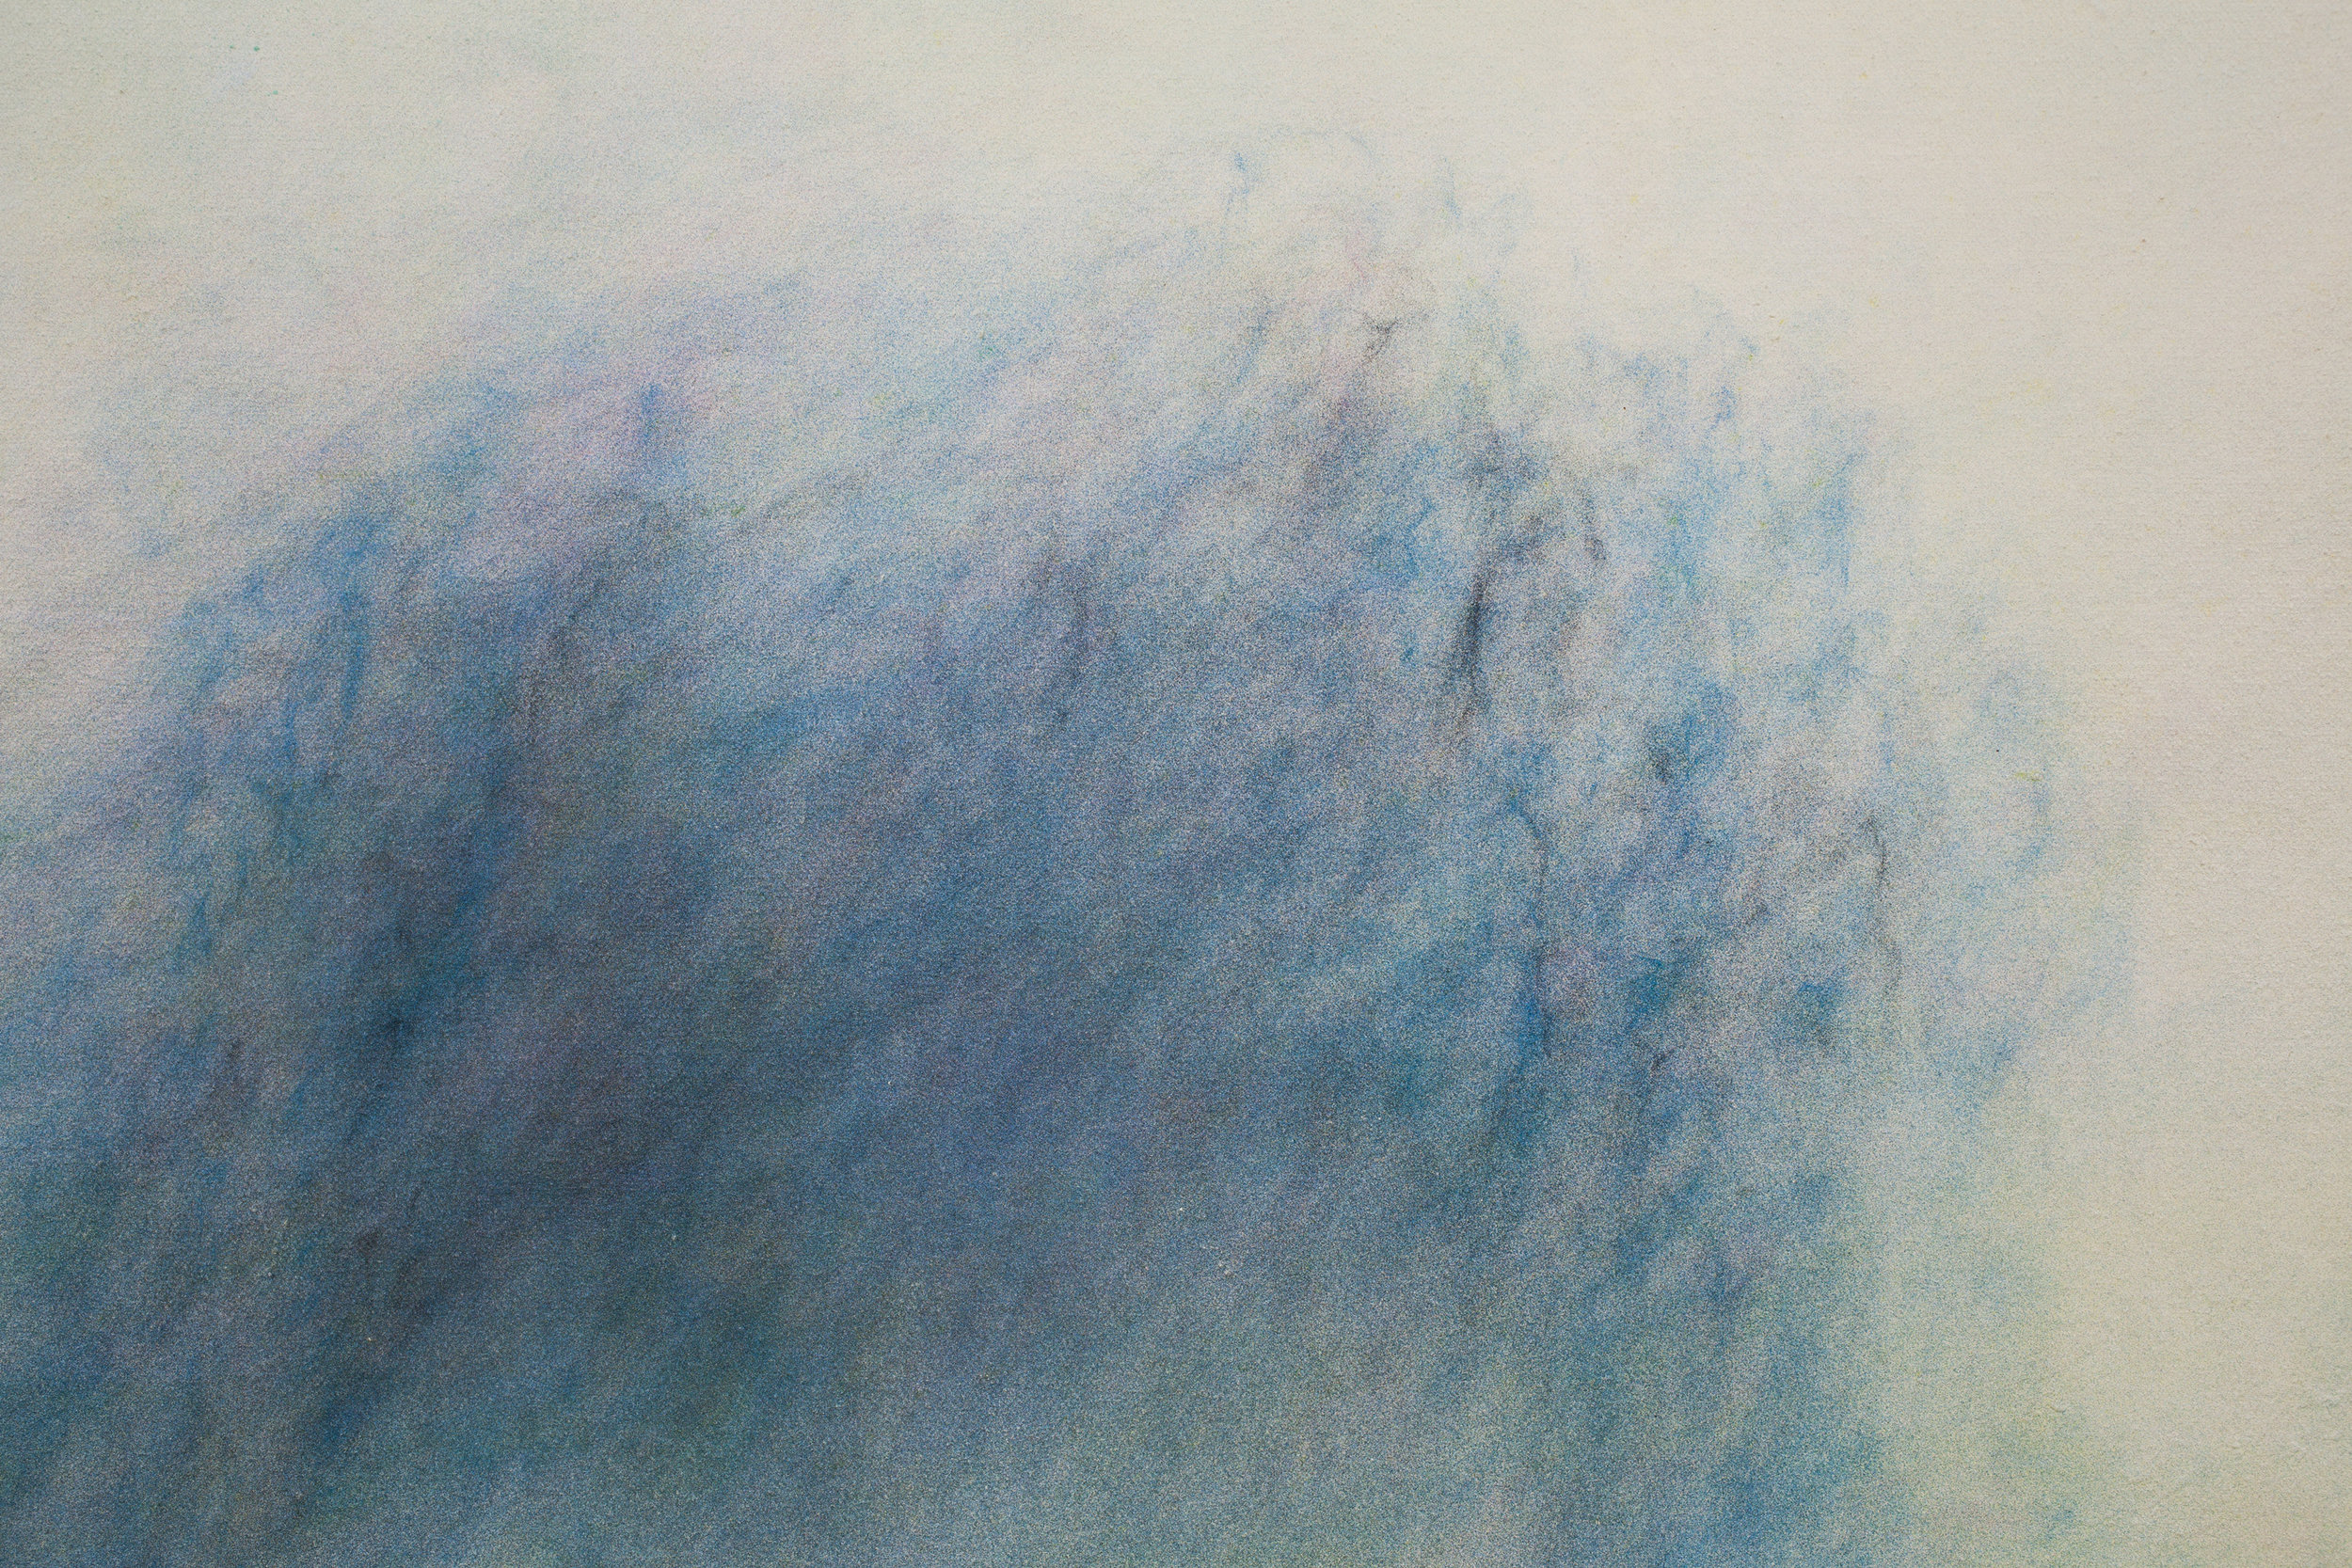 2016_Theatre of Mist_detail_150x185cm.jpg